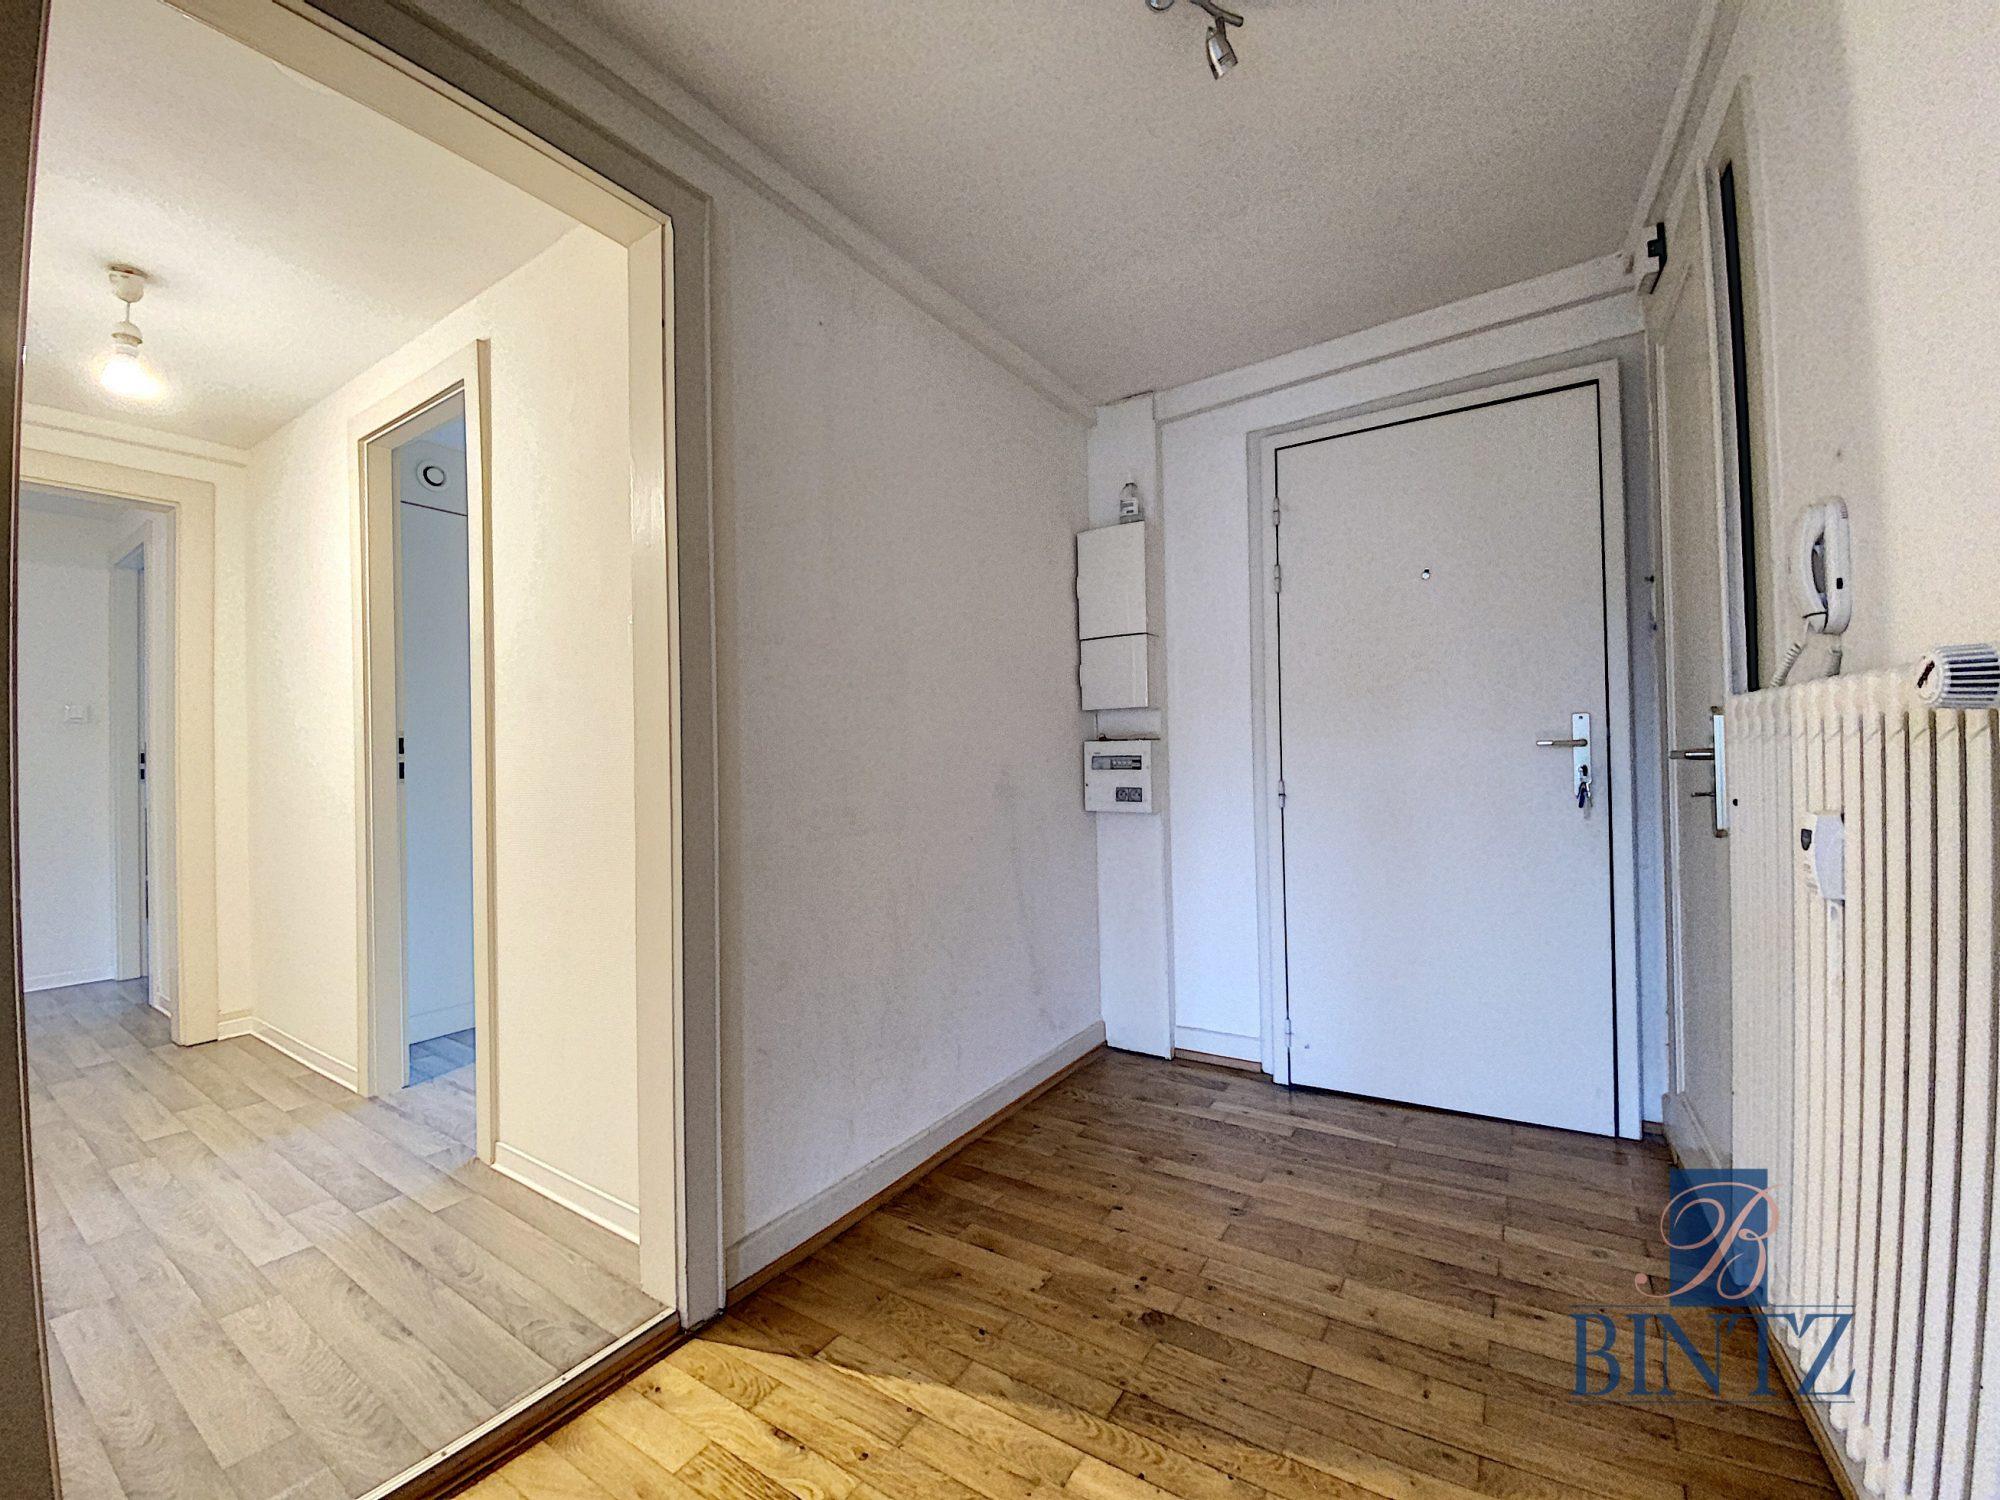 3 PIÈCES HYPERCENTRE - Devenez locataire en toute sérénité - Bintz Immobilier - 12